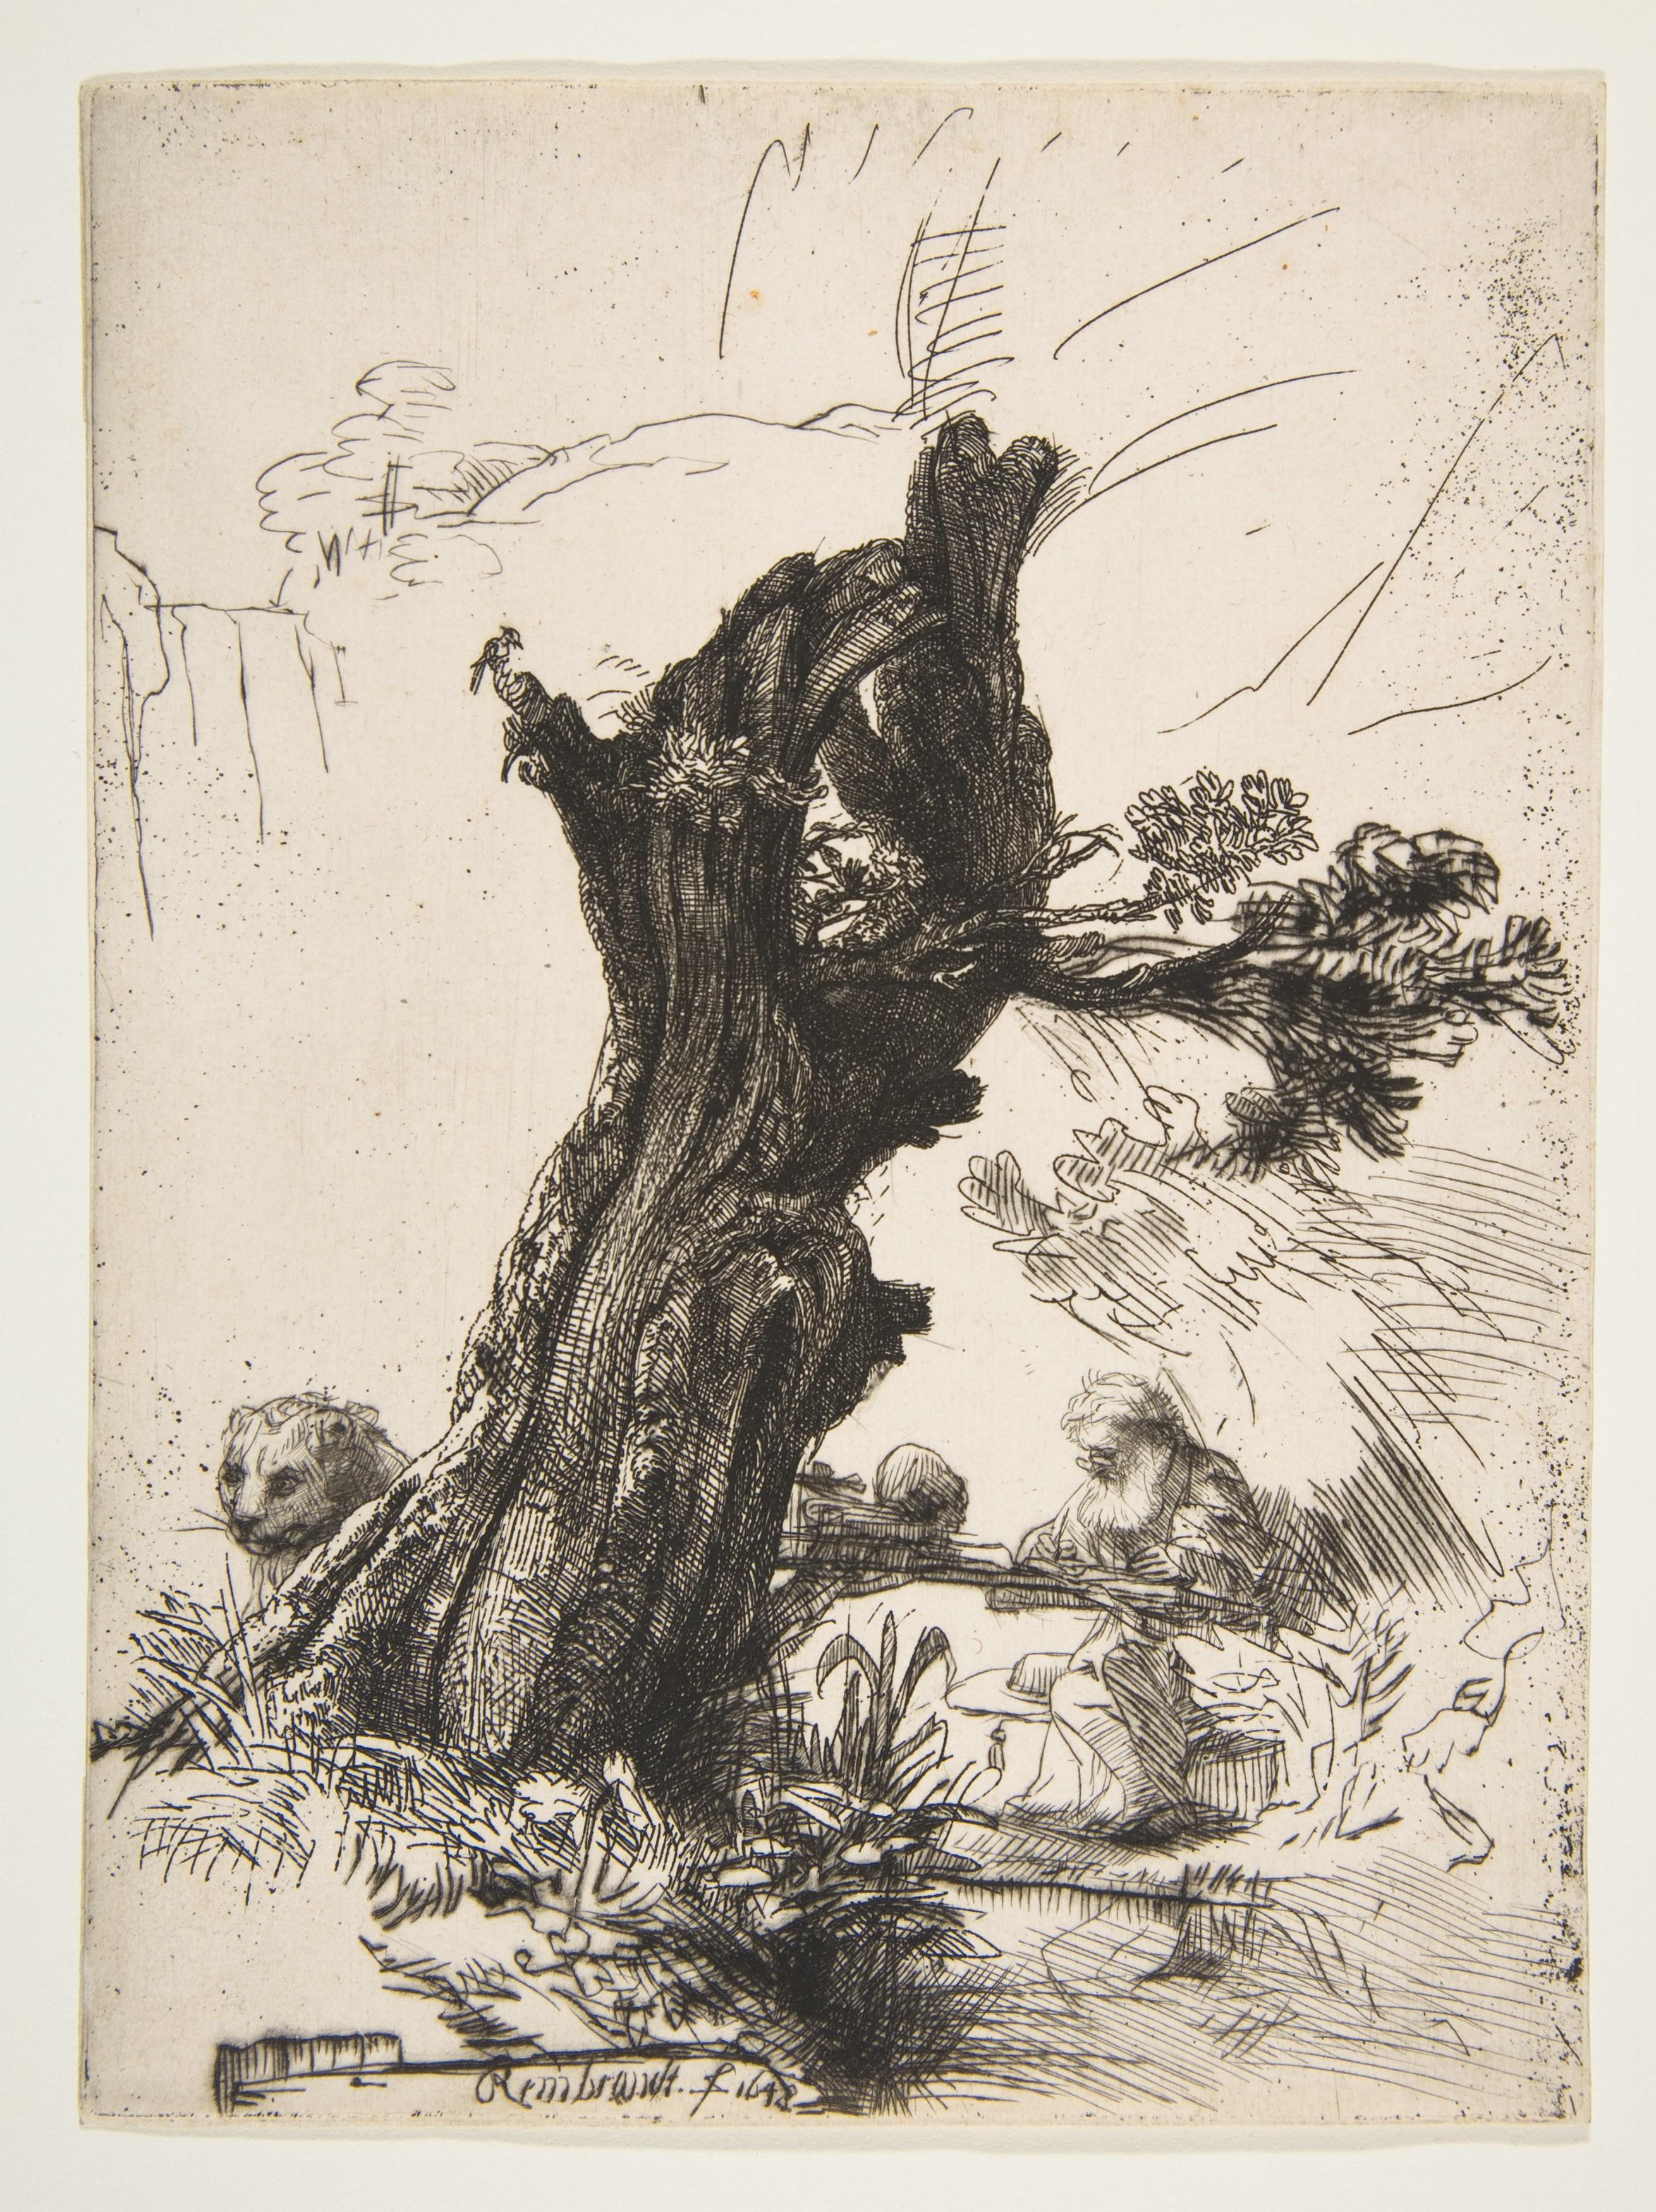 Rembrandt Saint Jerome Beside a Pollard Willow 1648